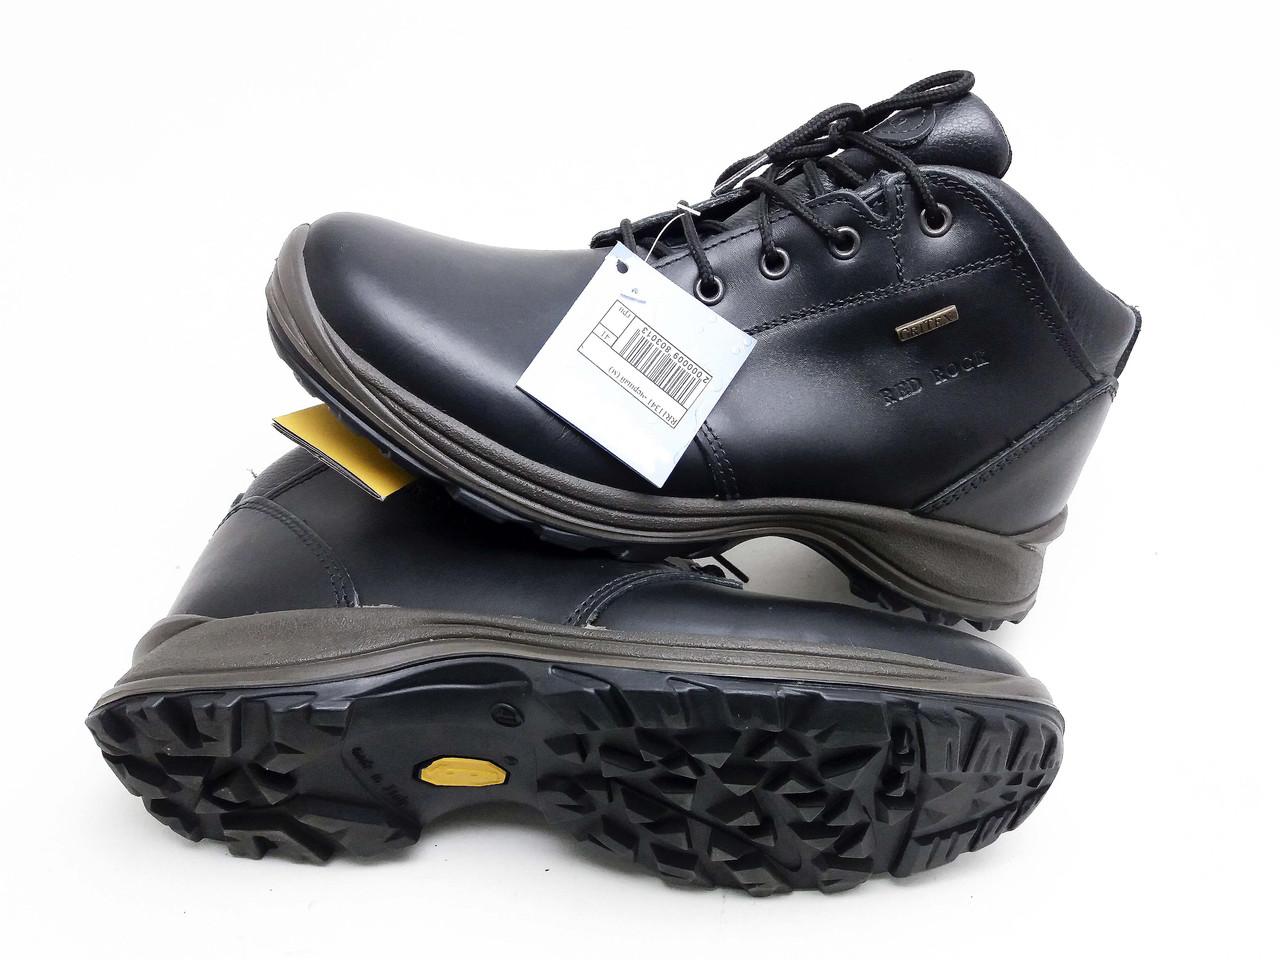 Кожаные ботинки с утеплителем Red Rock черные, унисекс 11341C56G